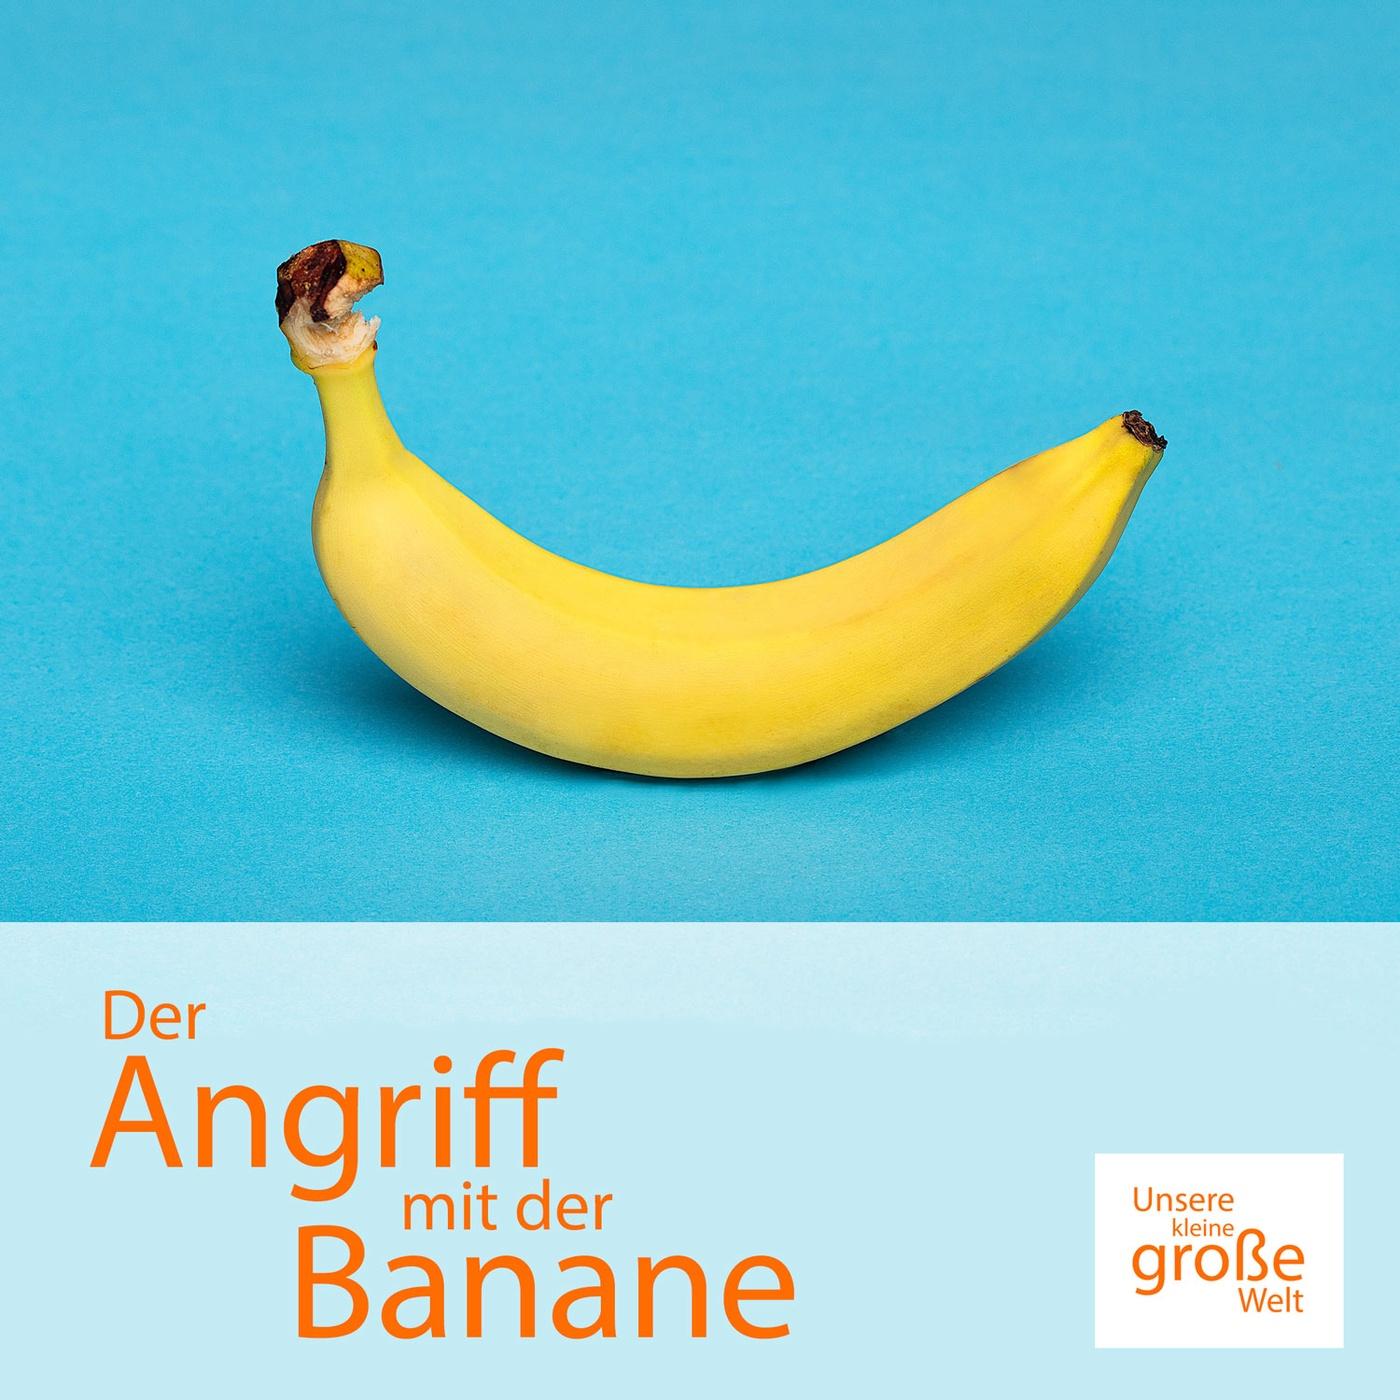 Der Angriff mit der Banane